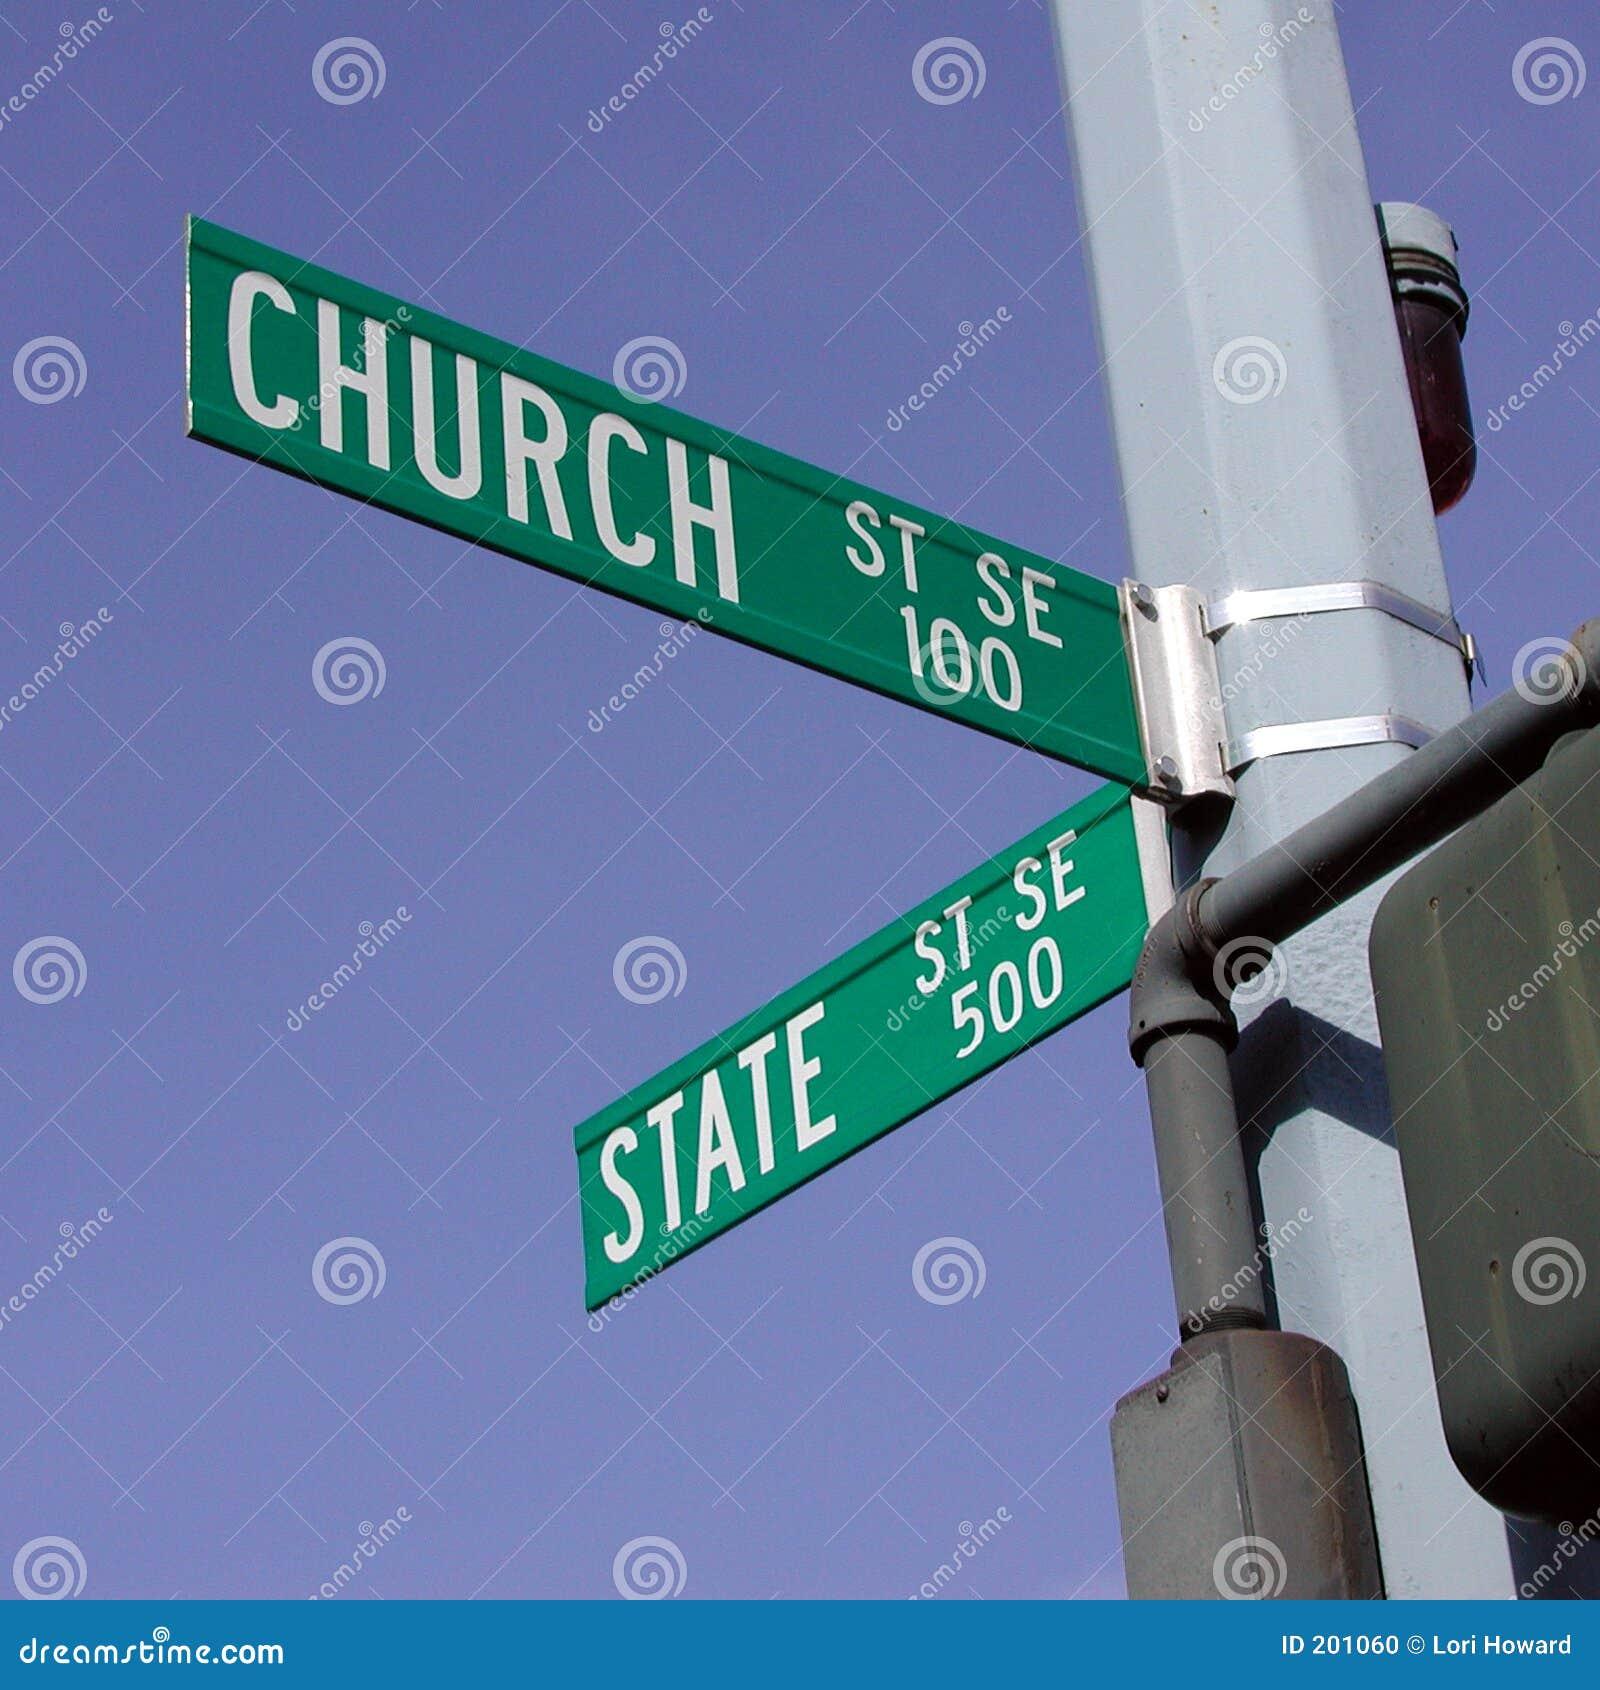 Chiesa e Stato